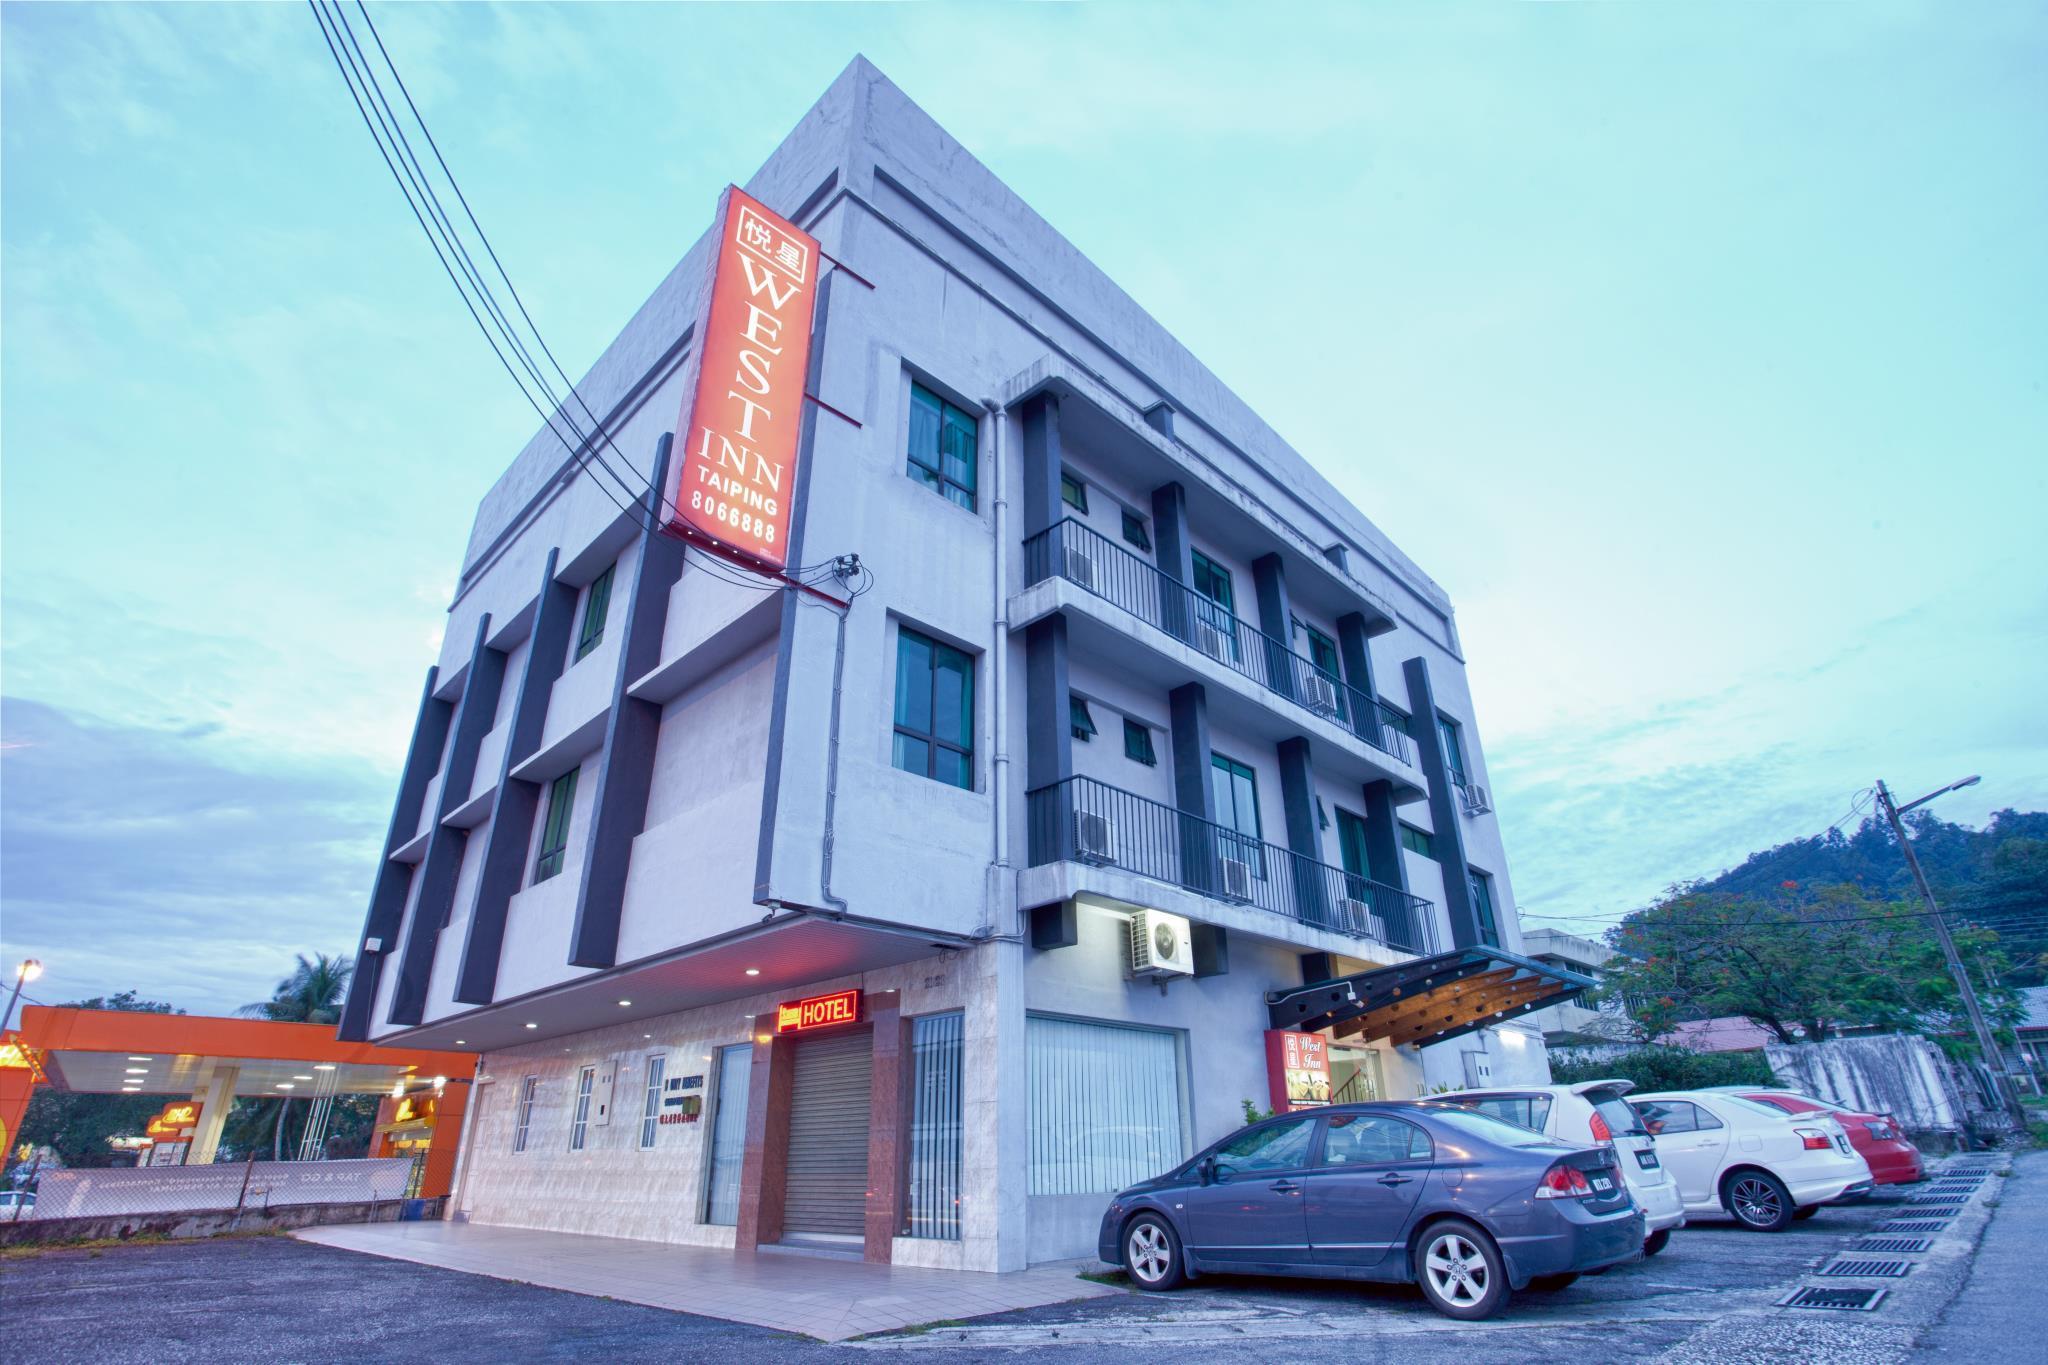 West Inn Motel